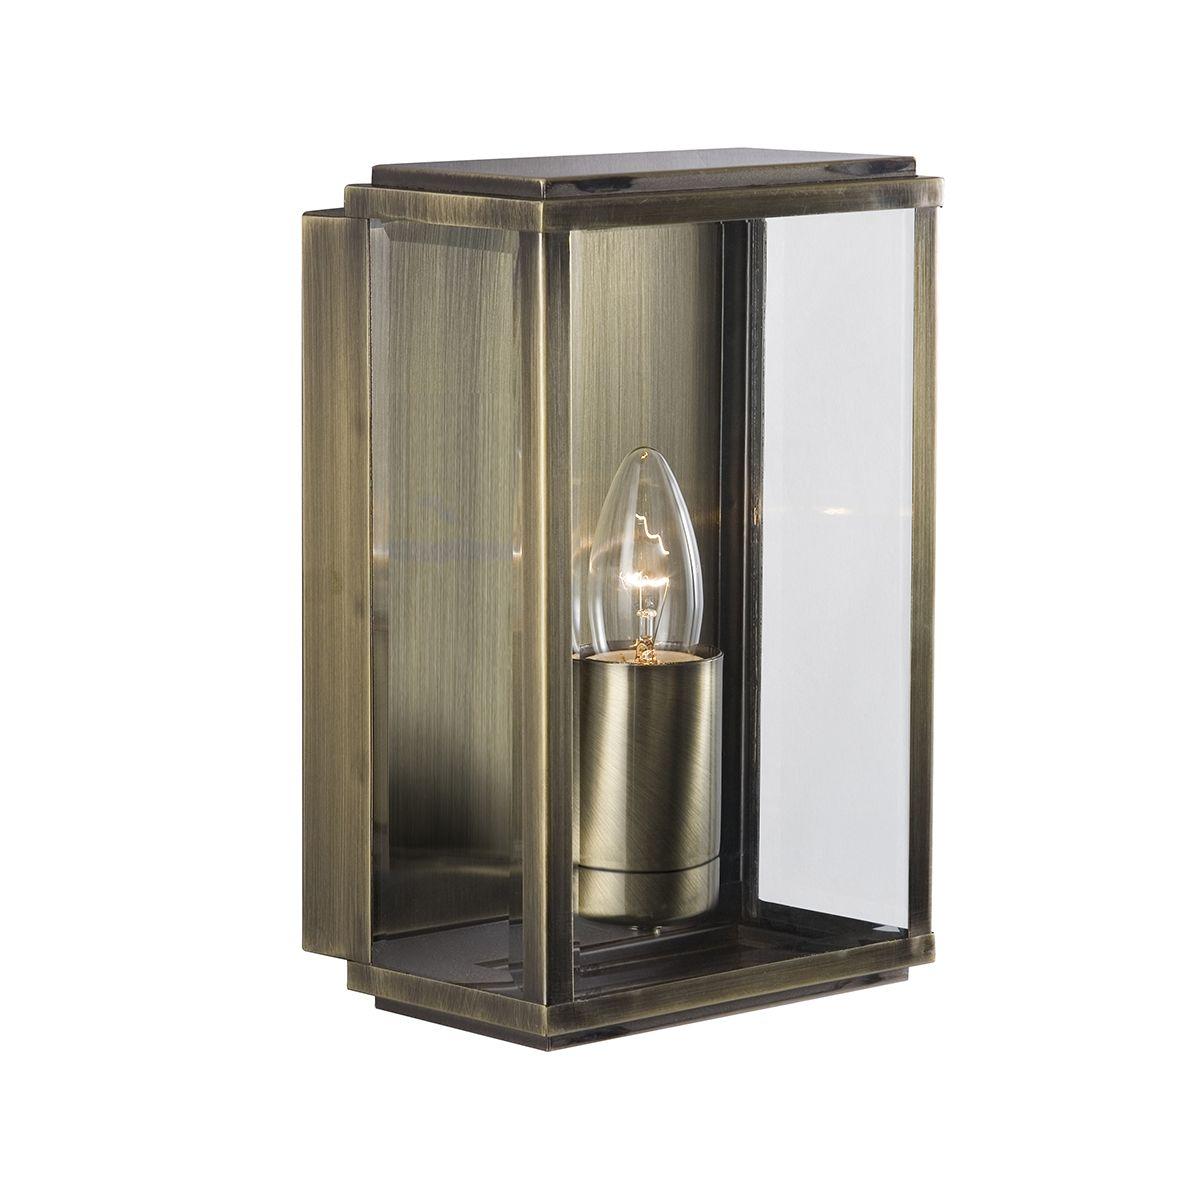 Antique Brass Ip44 Rectangular Outdoor Wall Lights (pack Of 6)